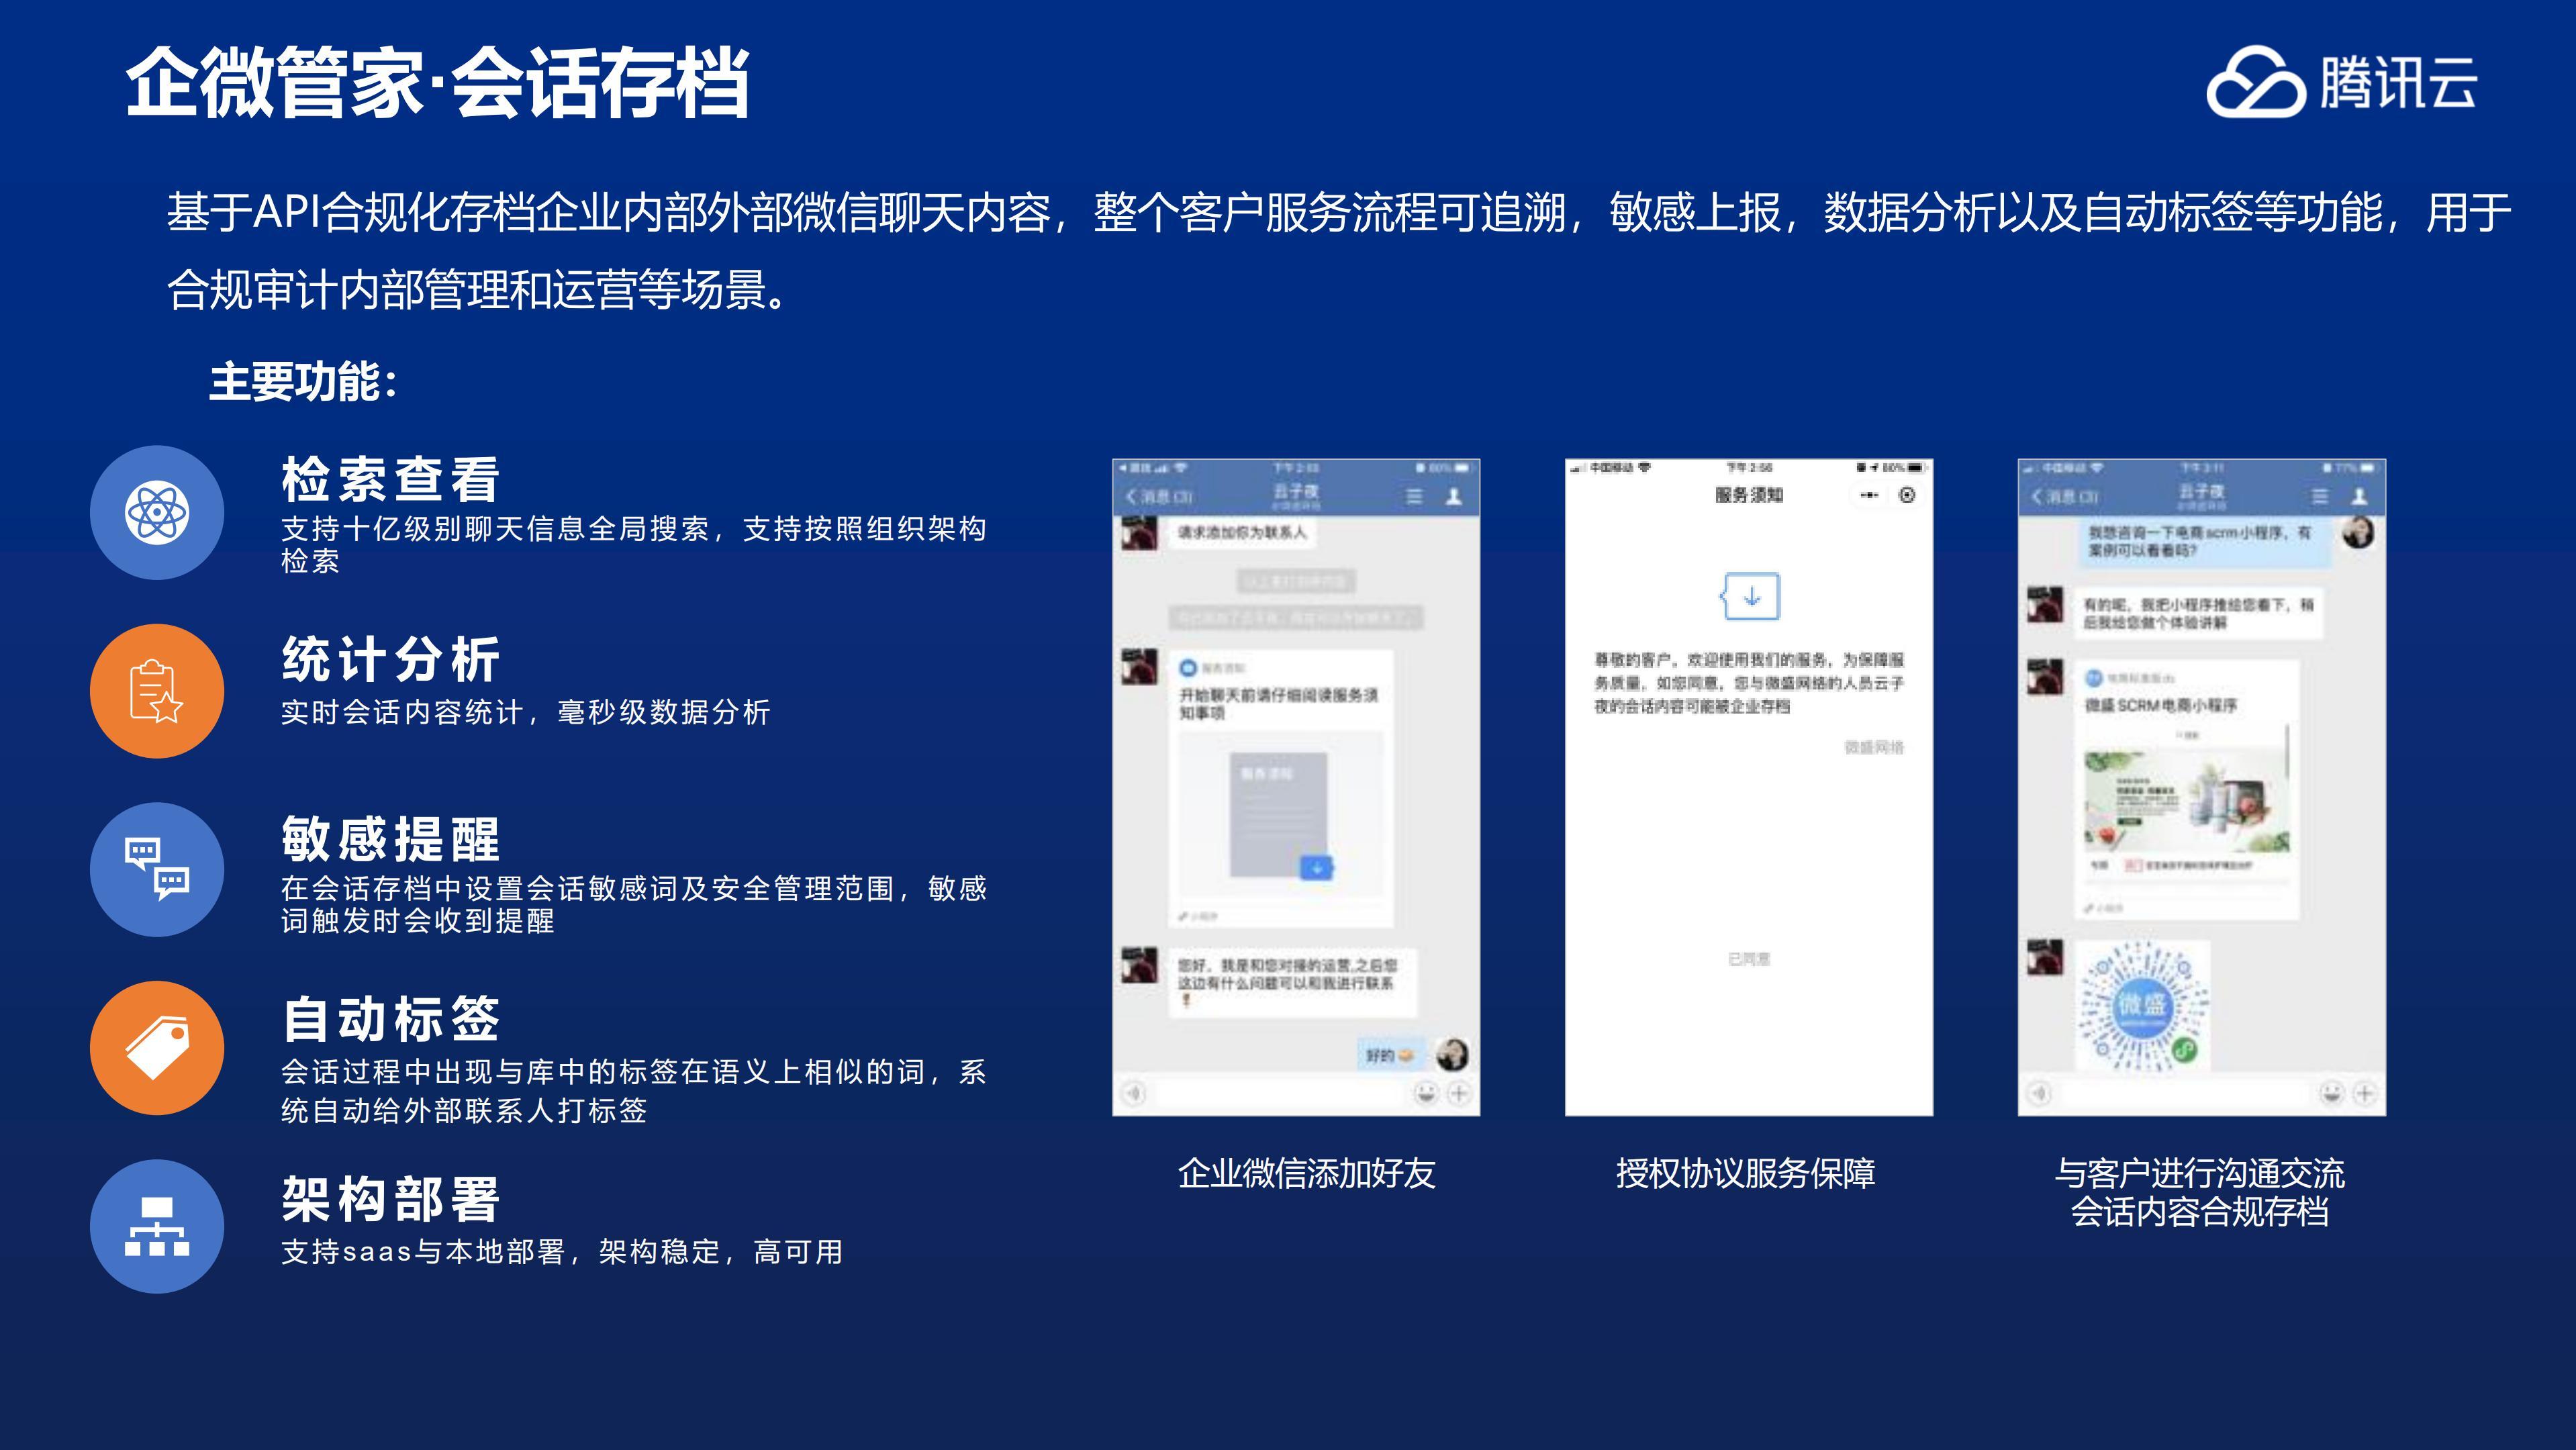 腾讯云企微管家产品介绍_26.jpg